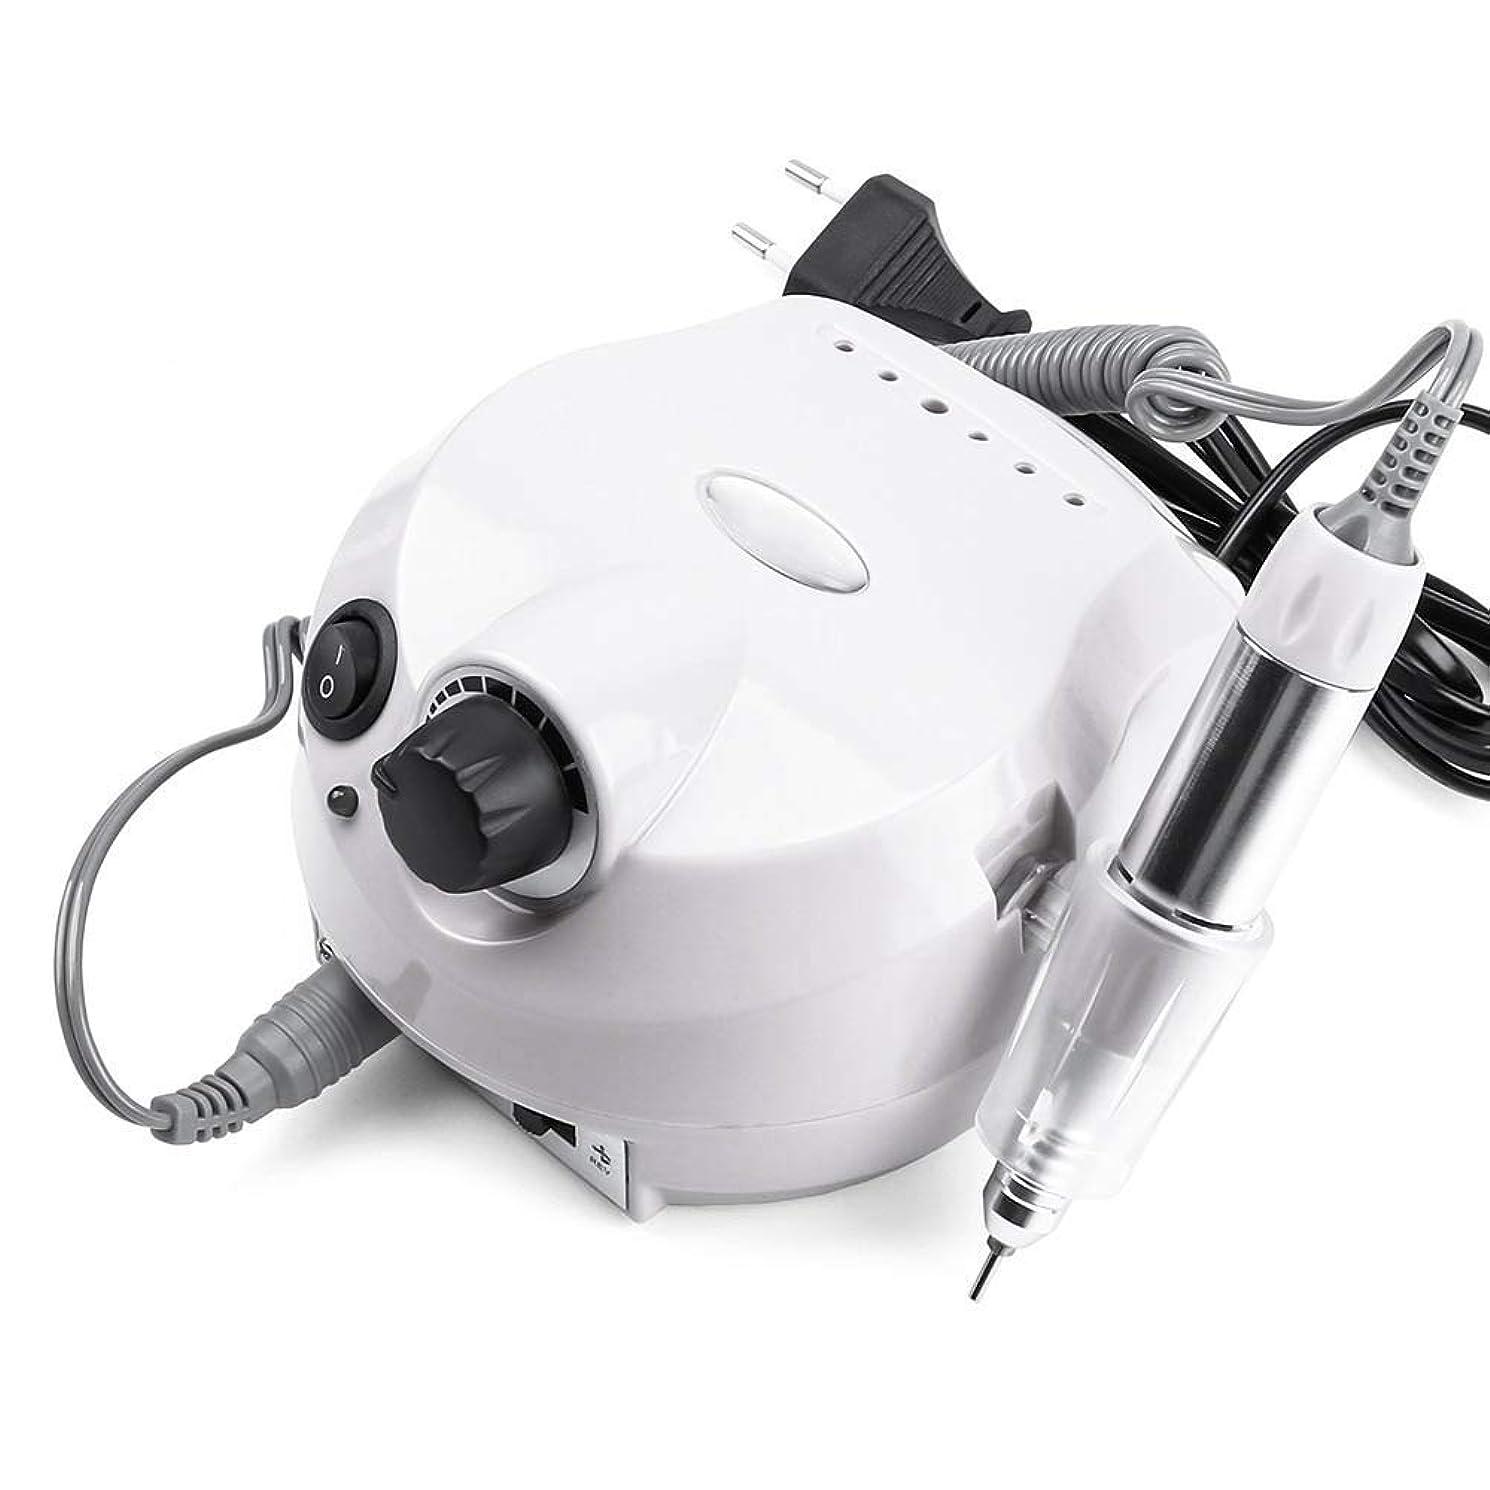 避けられないヒープ麻痺させるプロフェッショナル35000 rpm電動アクリルネイルドリルマシンファイルビットネイルカッターネイルマニキュアキットサロン&ホームネイルツールセット